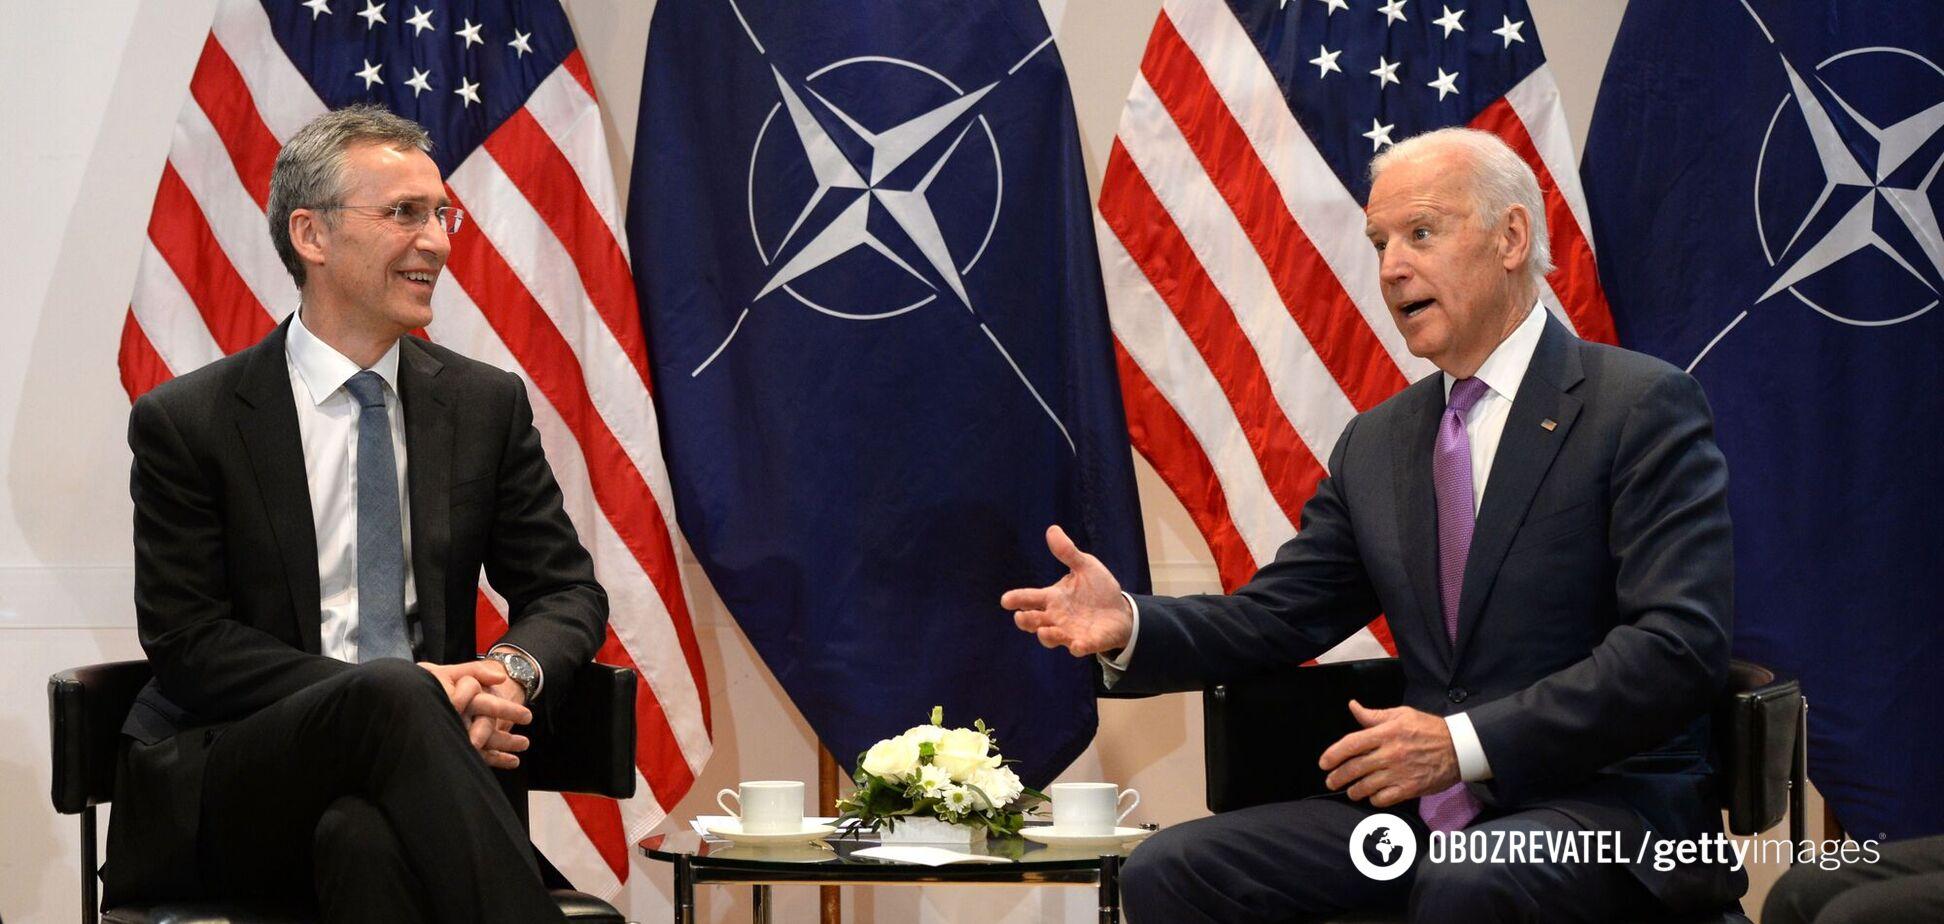 Байден и Столтенберг поучаствуют в саммите НАТО, где обсудят Украину